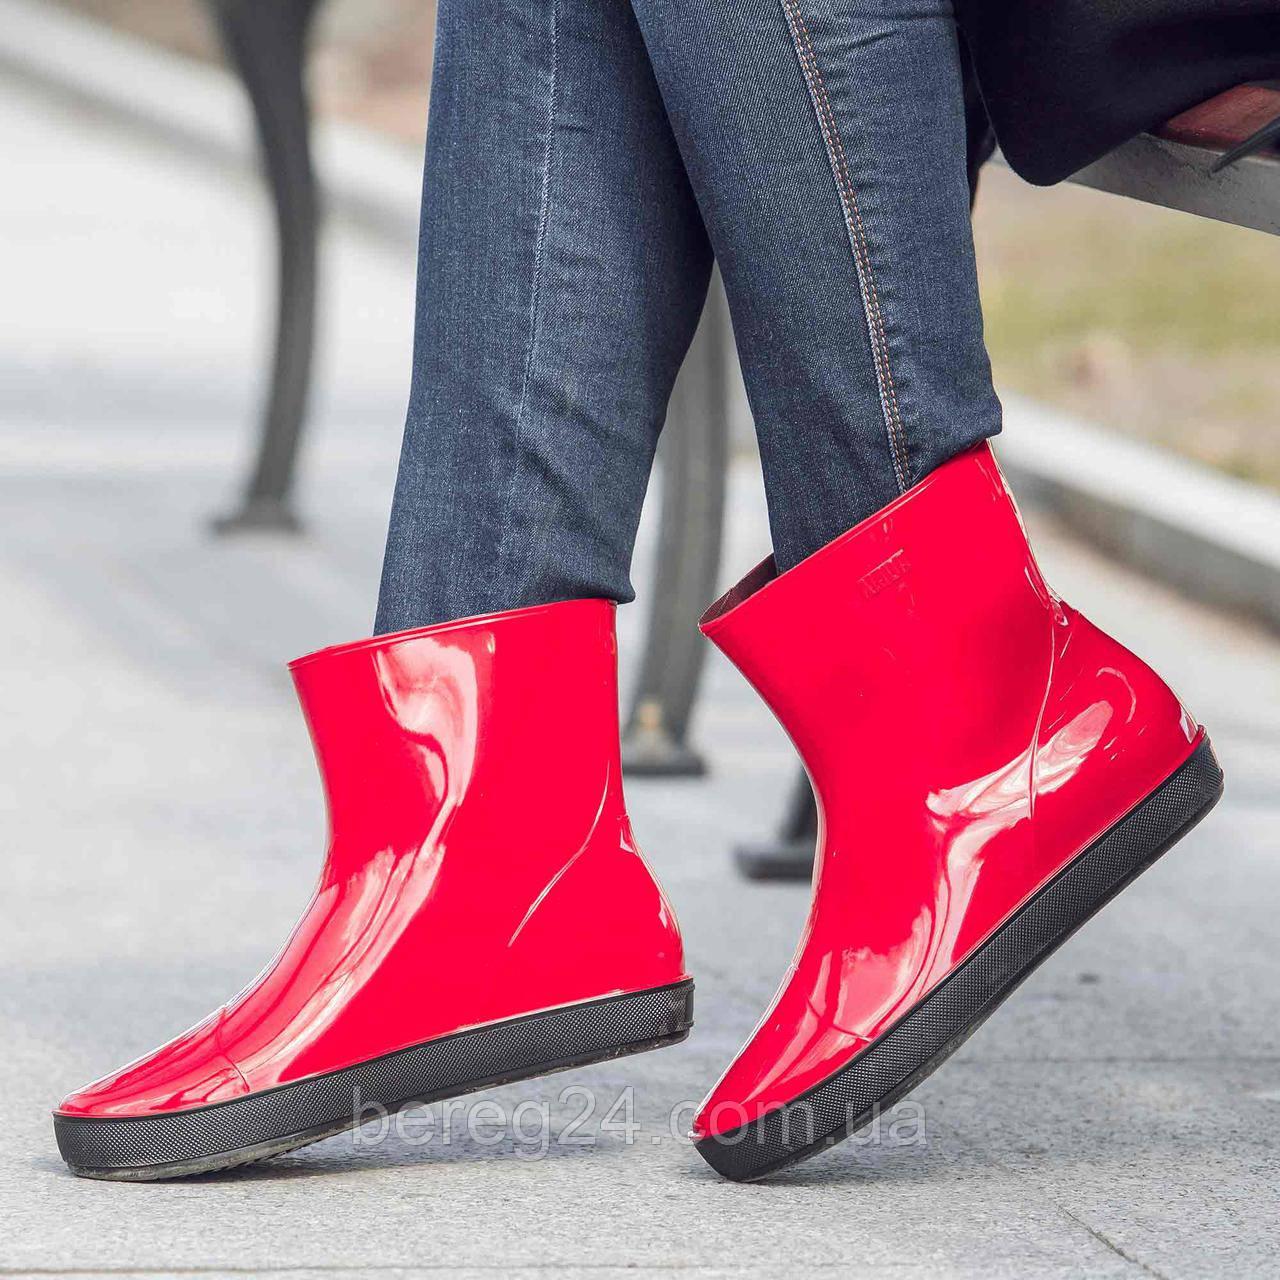 Женские резиновые сапоги (ботинки, ботильоны) Nordman Alida (Алида) Красные. Размер 41